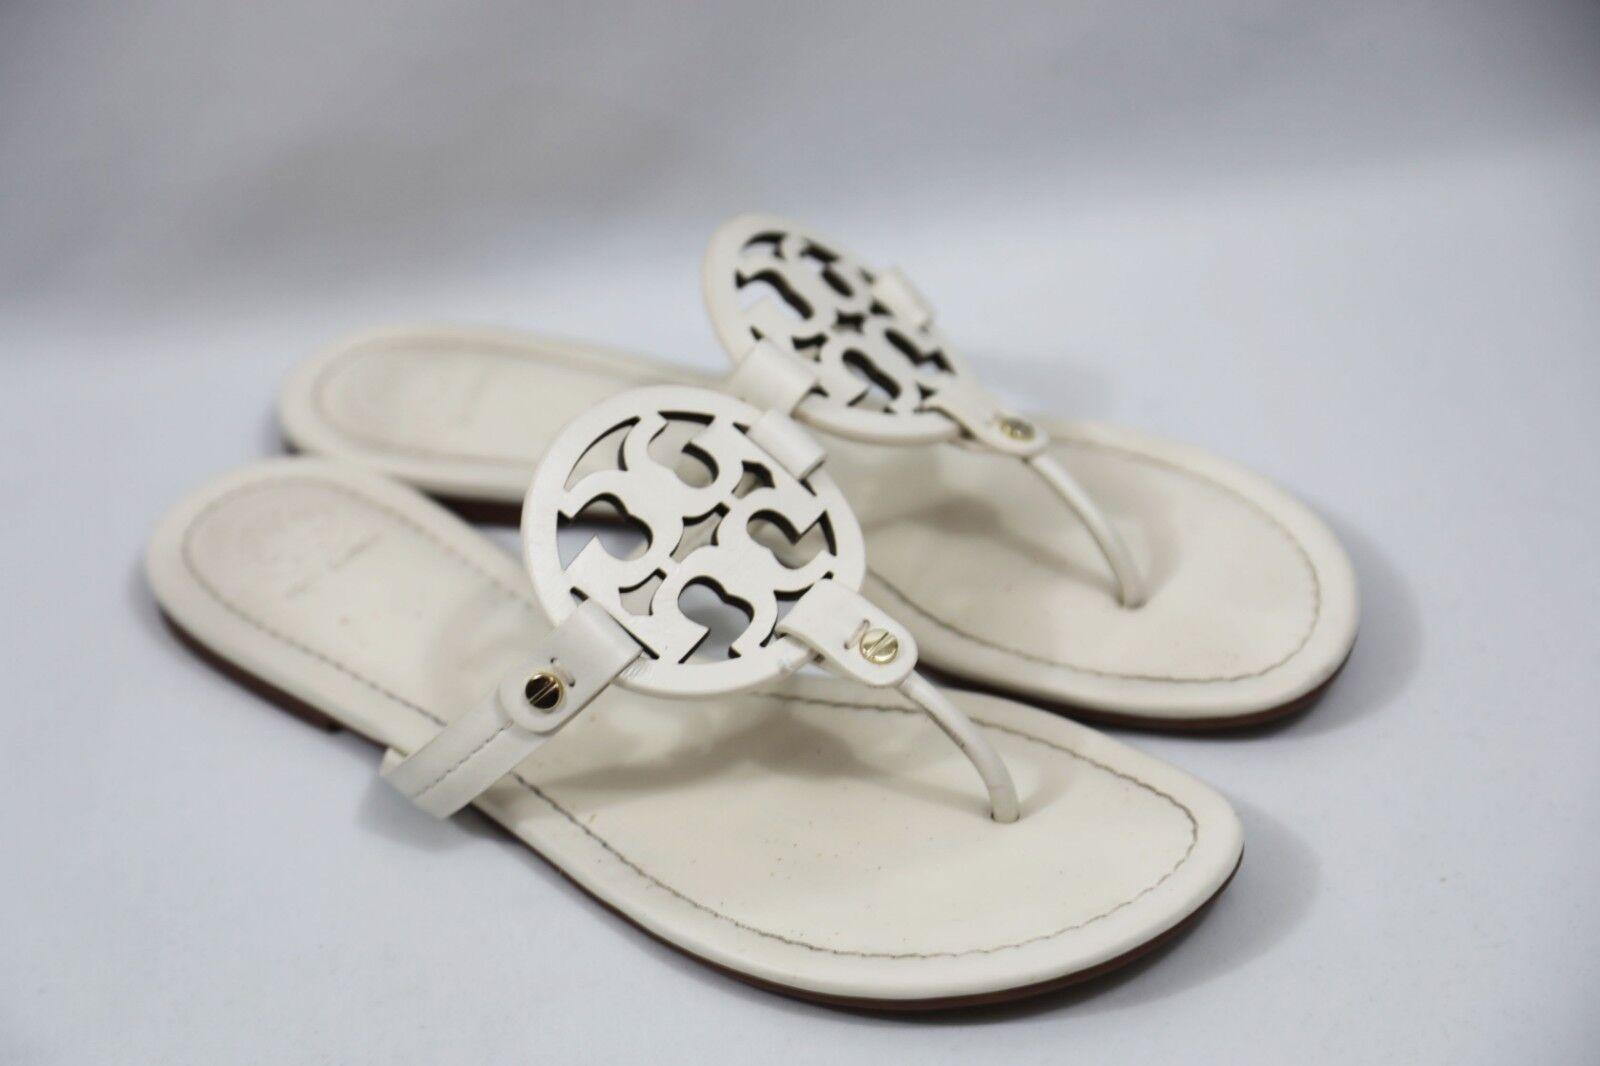 128 Tory Burch Burch Burch Miller Flip Flop Sandals Dimensione 10 M 5eb65b